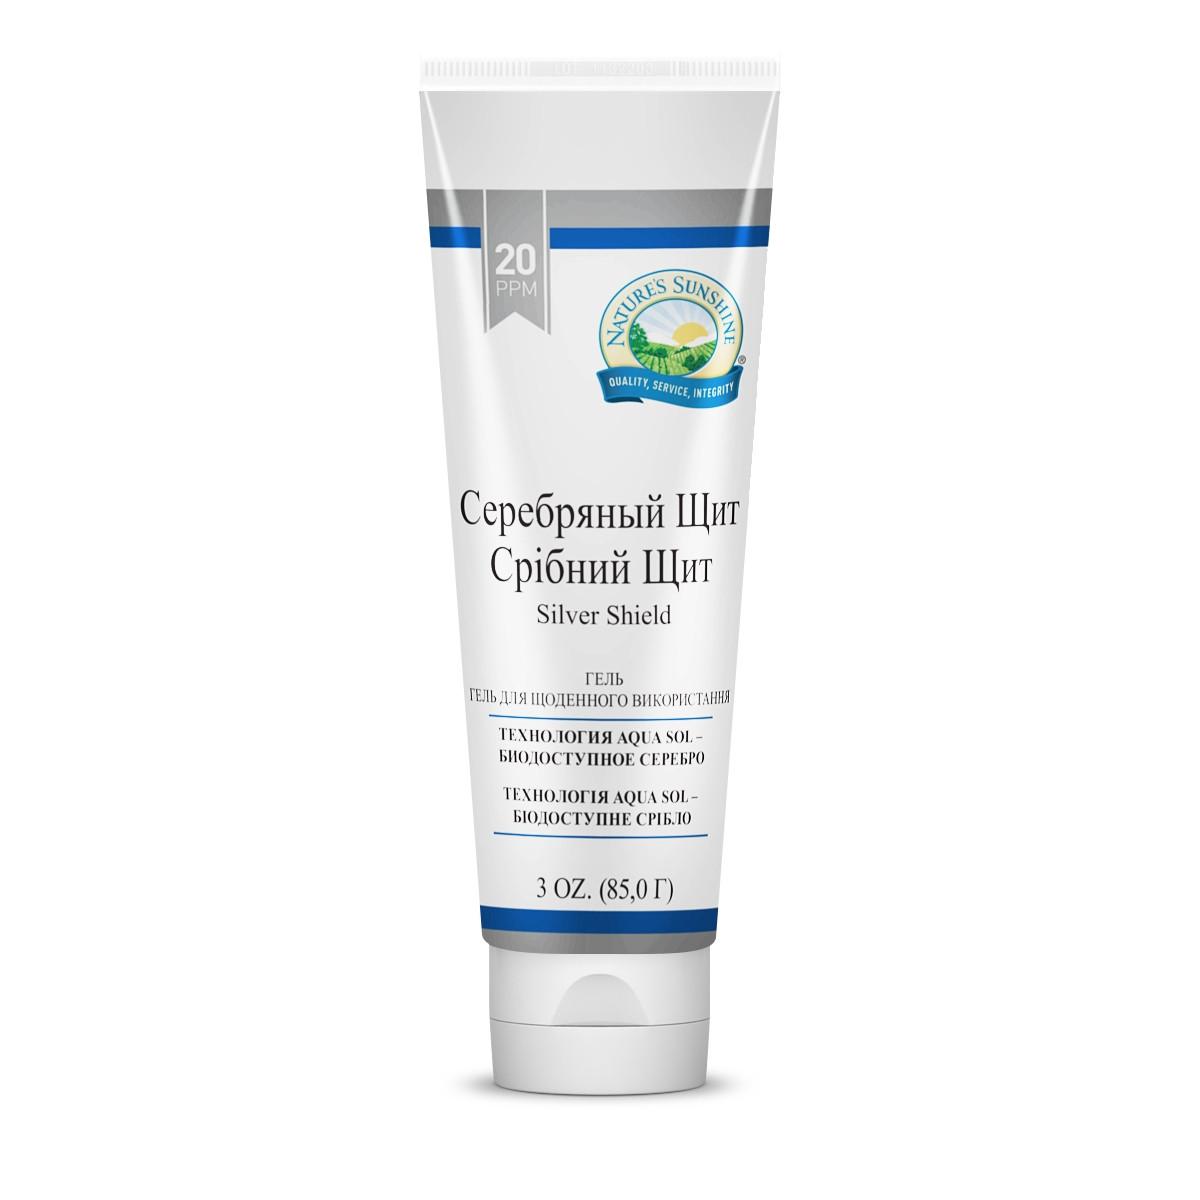 Гель «Серебряный Щит» Silver Shield Gel, NSP, США, НСП.  Увлажнение и очищение кожи.